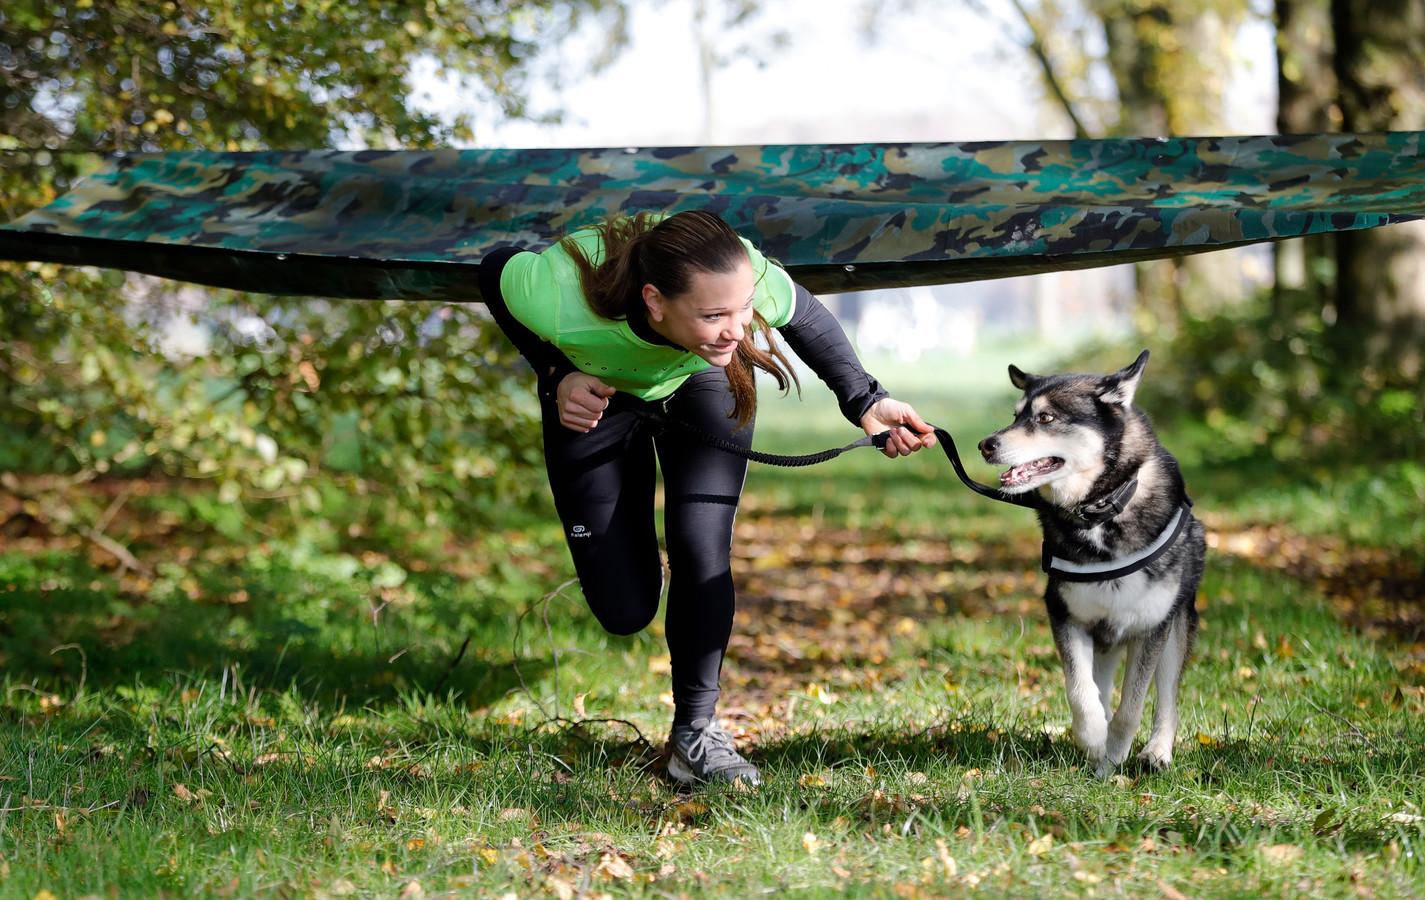 De deelnemers en hun baas rennen in de Dog Fun Survival onder meer onder een in legerkleuren geprint zeil door.